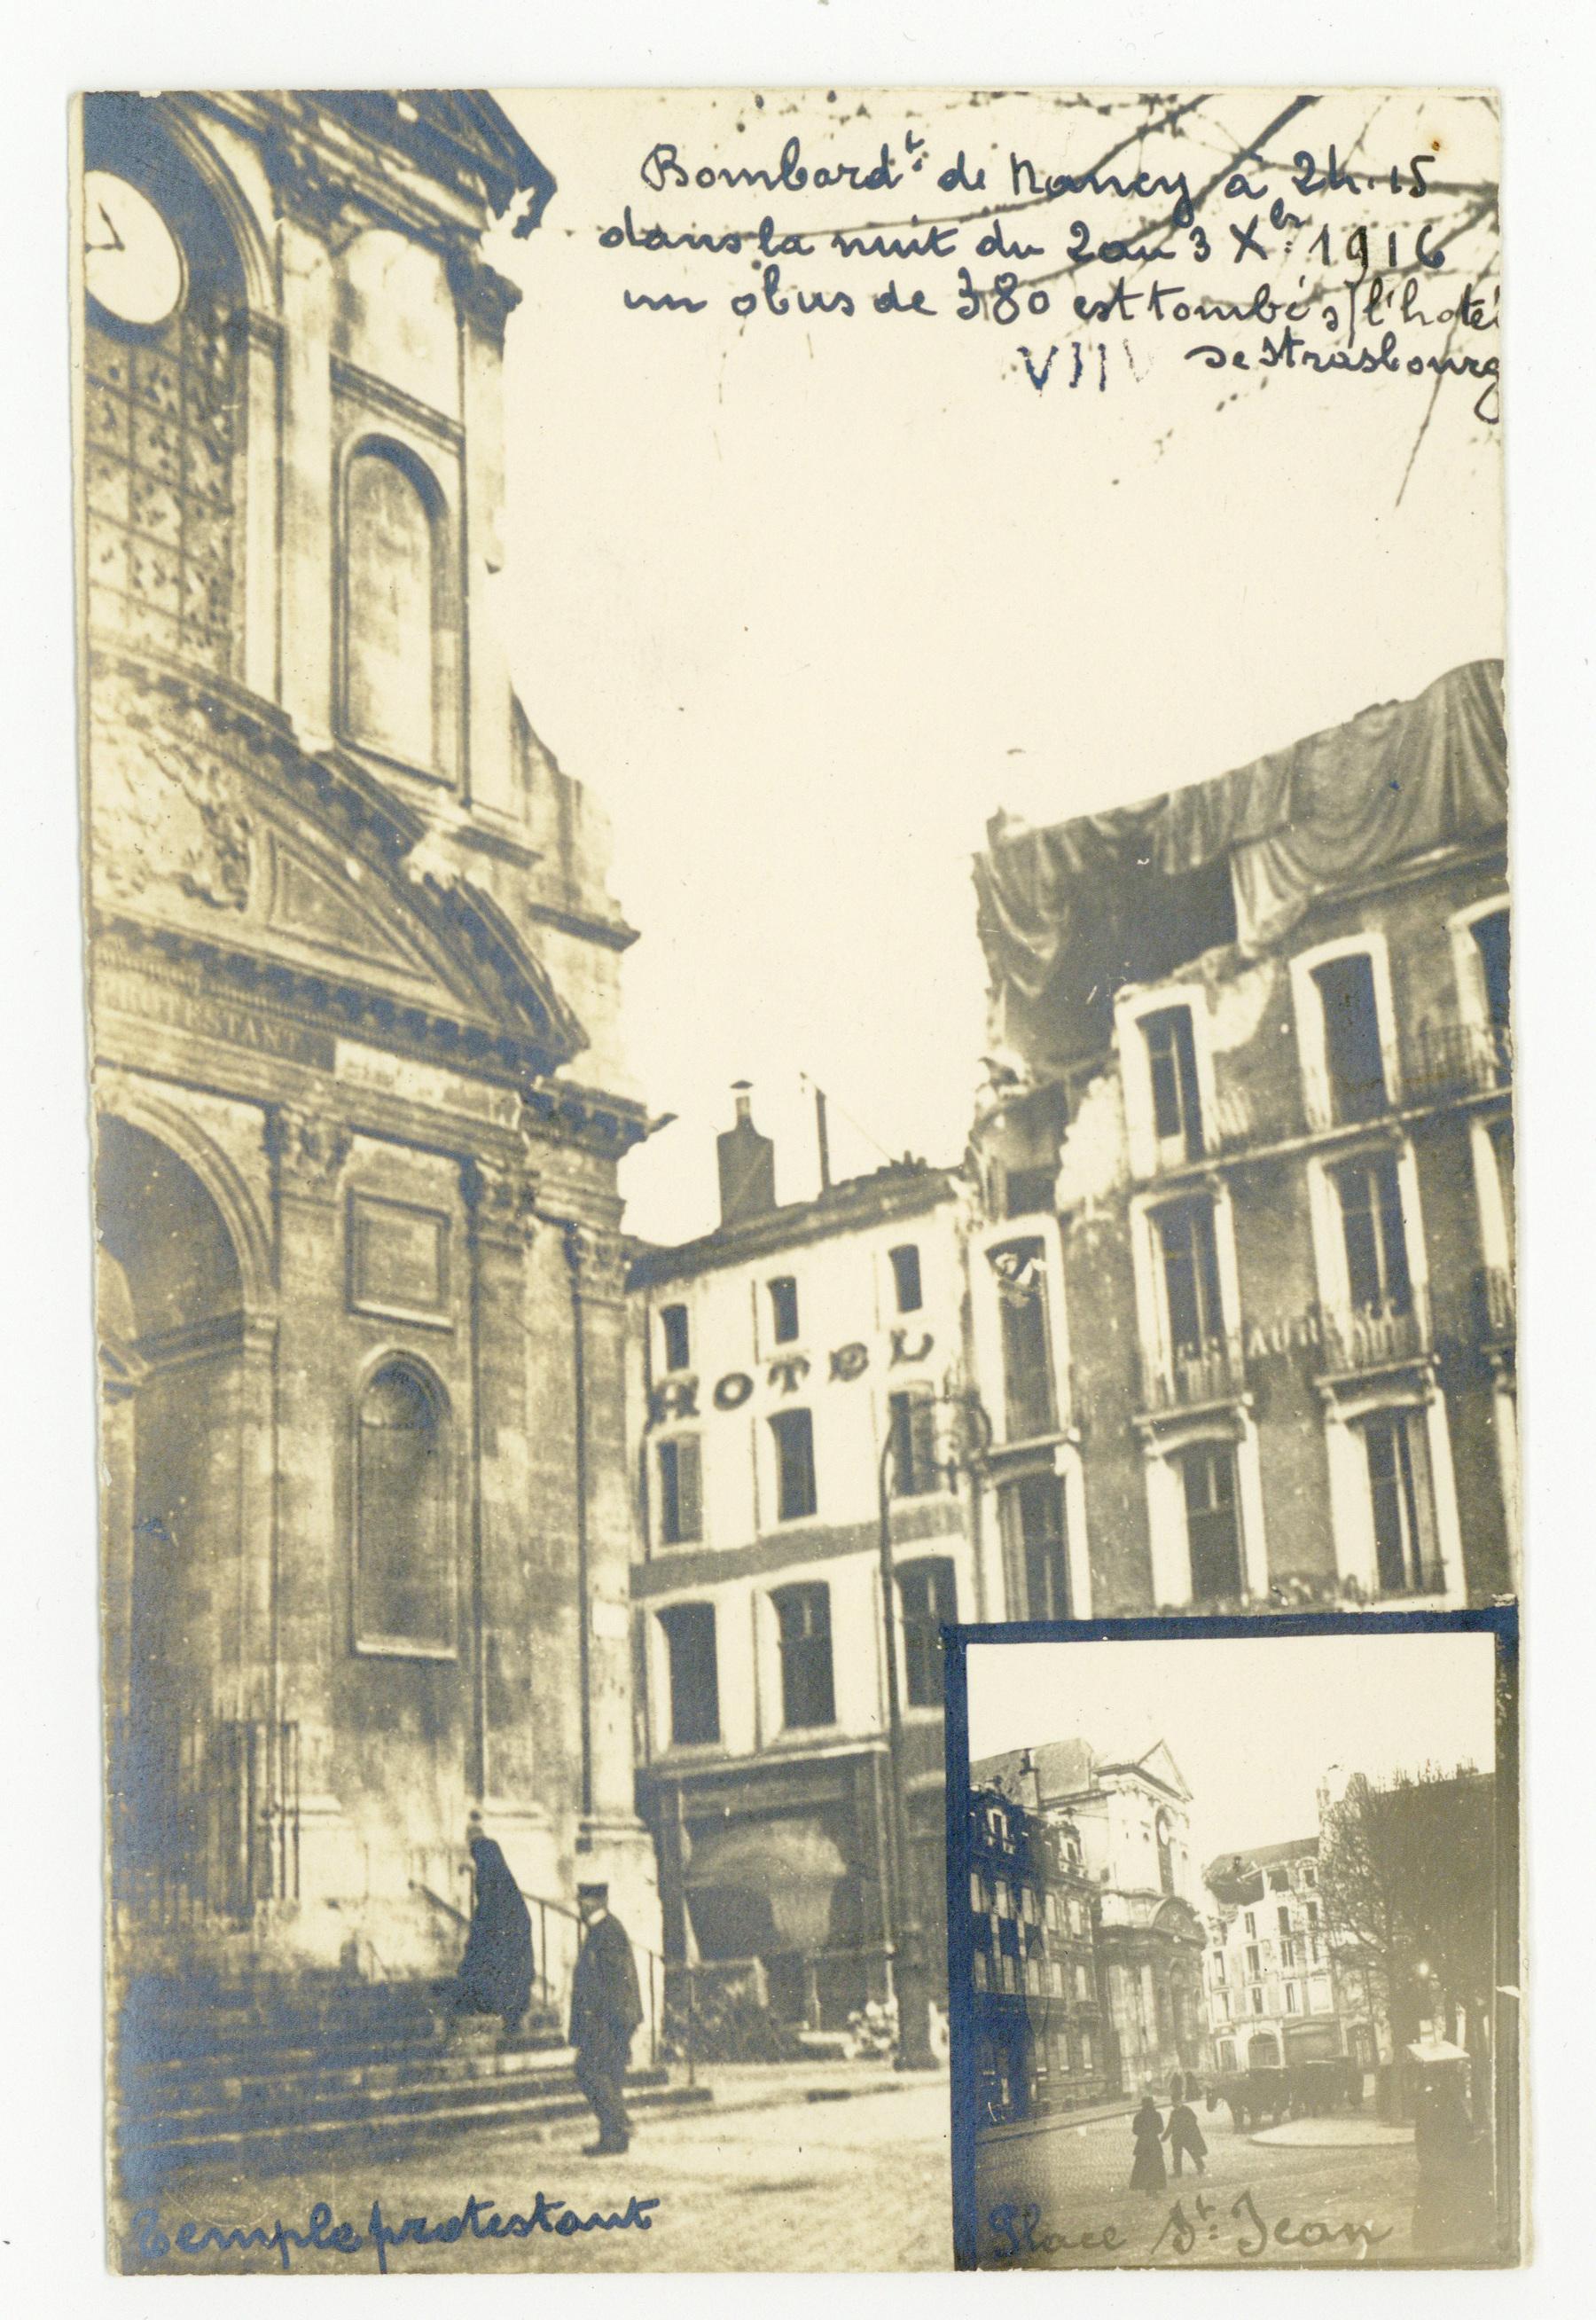 Contenu du Bombardement d'octobre 1916, place St-Jean.